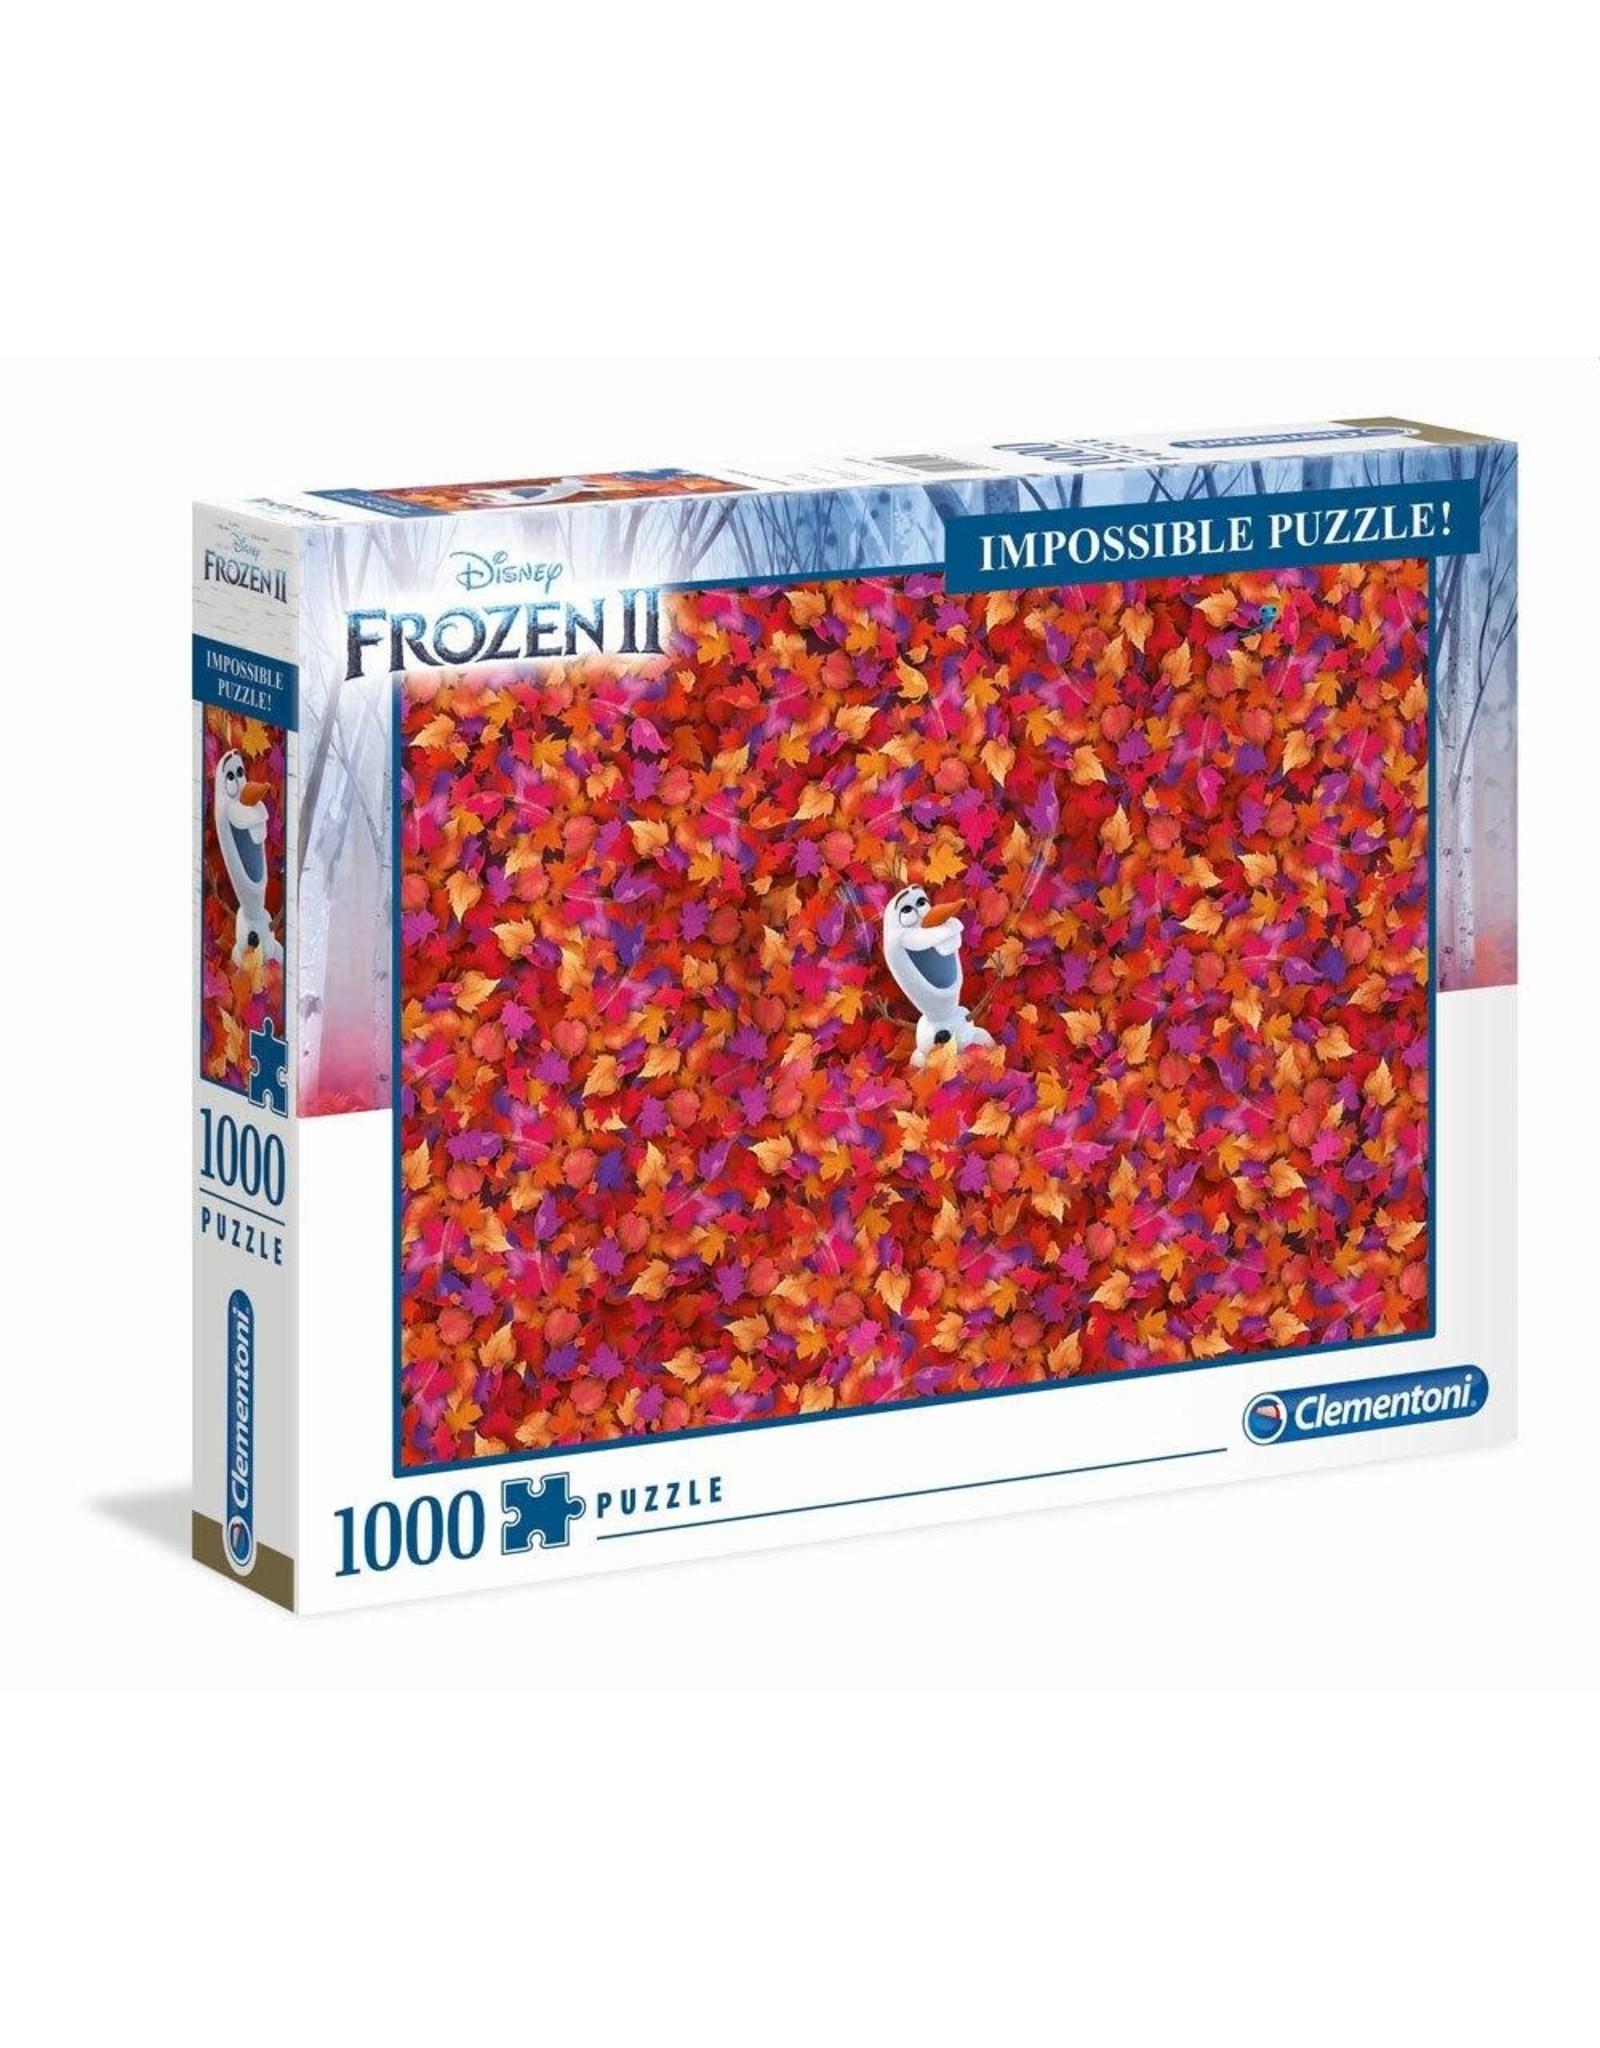 Clementoni FROZEN 2 - Impossible Puzzle 1000P